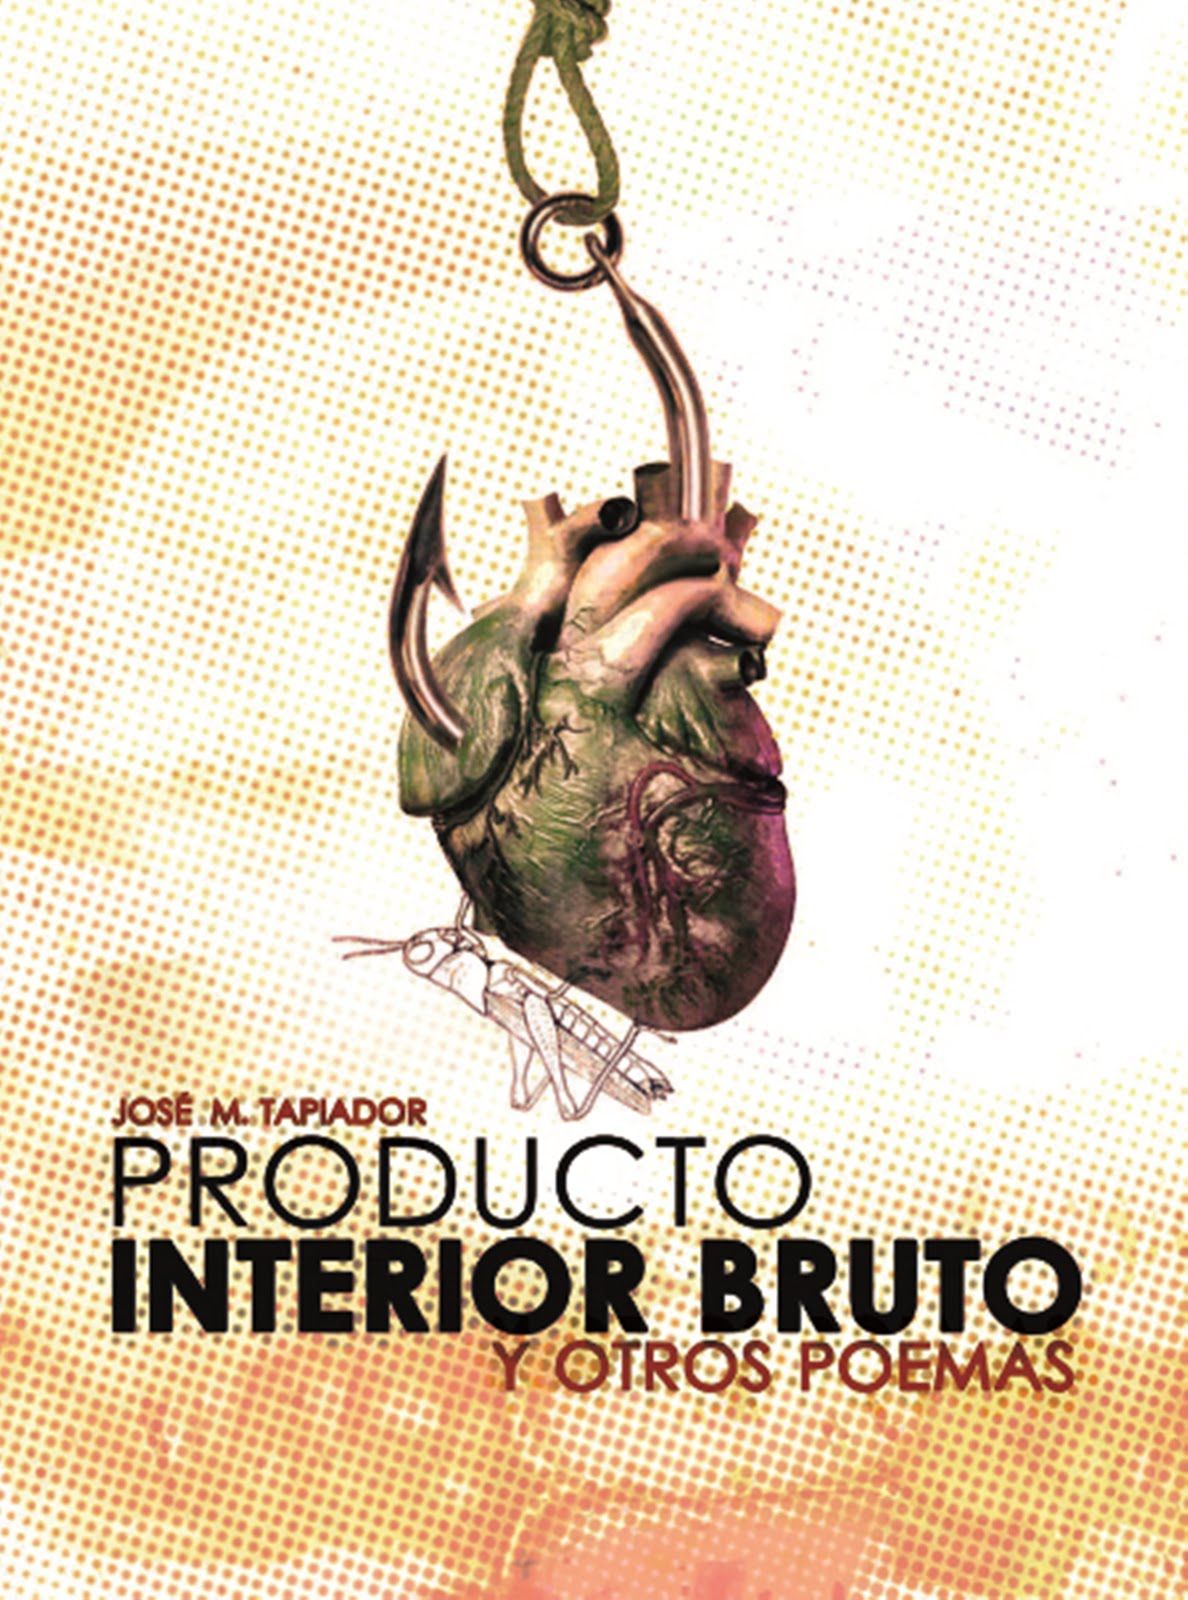 PRODUCTO INTERIOR BRUTO Y OTROS POEMAS